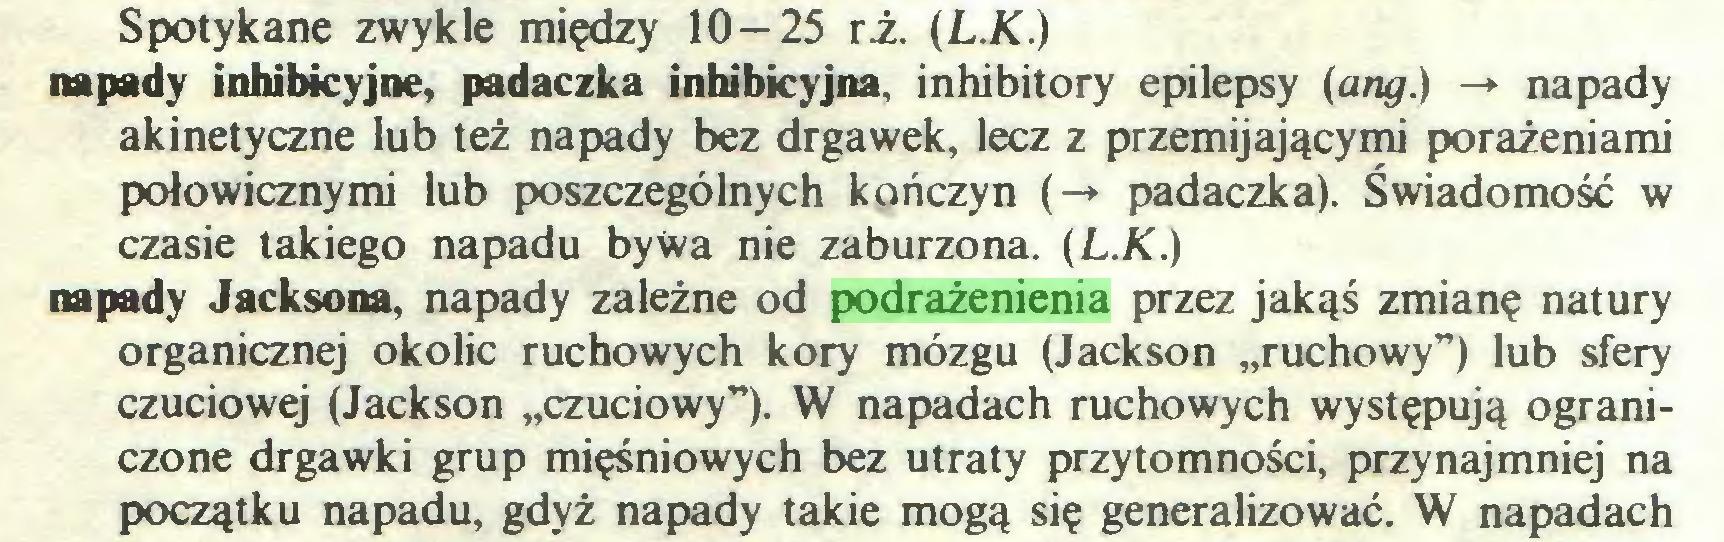 """(...) Spotykane zwykle między 10-25 rż. (L.K.) napady inhibkyjne, padaczka inhibicyjna, inhibitory epilepsy (ang.) -* napady akinetyczne lub też napady bez drgawek, lecz z przemijającymi porażeniami połowicznymi lub poszczególnych kończyn (-*• padaczka). Świadomość w czasie takiego napadu bywa nie zaburzona. (L.K.) napady Jacksona, napady zależne od podrażenienia przez jakąś zmianę natury organicznej okolic ruchowych kory mózgu (Jackson """"ruchowy"""") lub sfery czuciowej (Jackson """"czuciowy""""). W napadach ruchowych występują ograniczone drgawki grup mięśniowych bez utraty przytomności, przynajmniej na początku napadu, gdyż napady takie mogą się generalizować. W napadach..."""